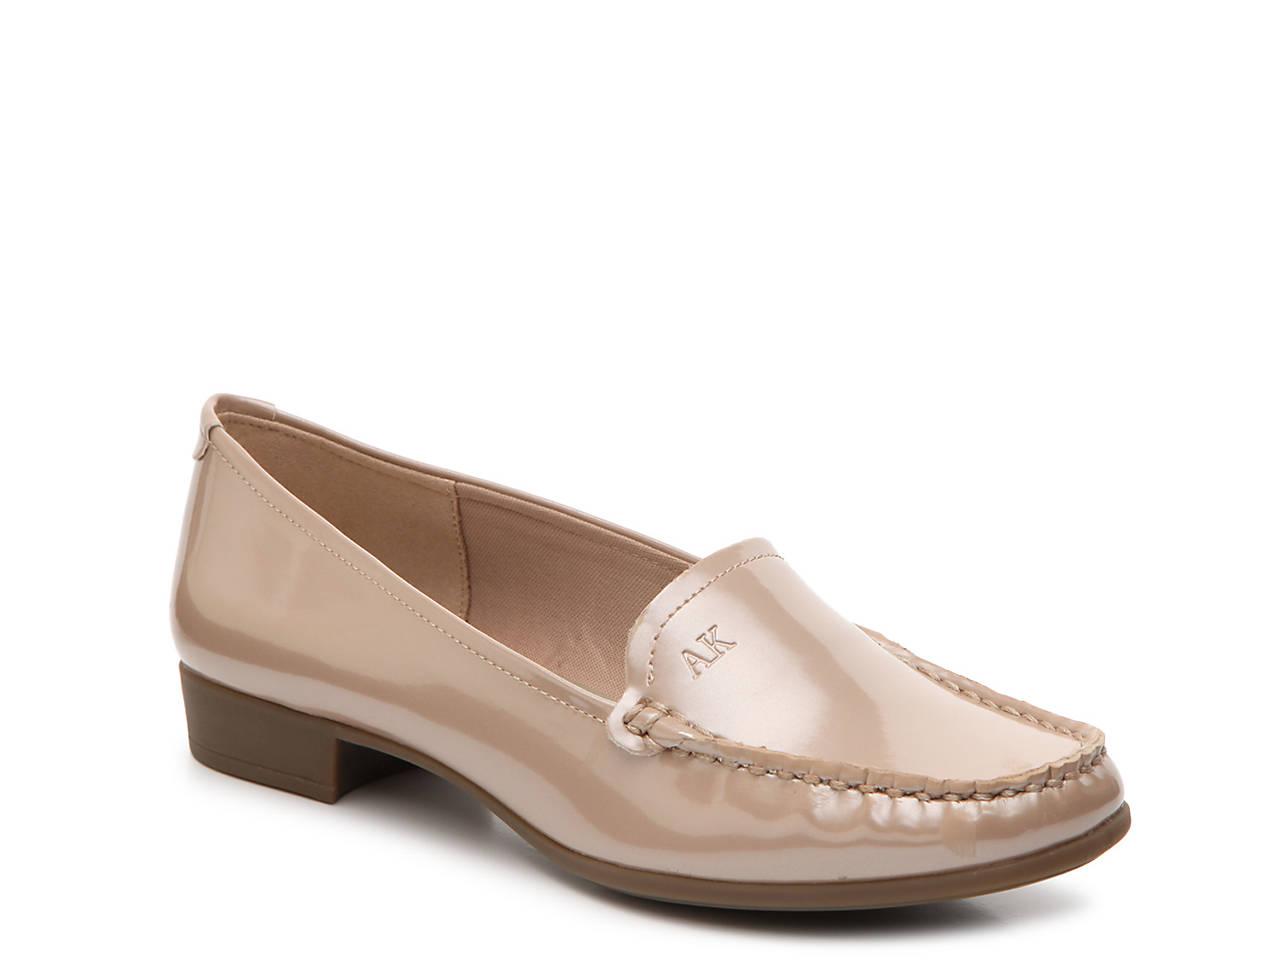 490311cae85c Anne Klein Vama Loafer Women s Shoes